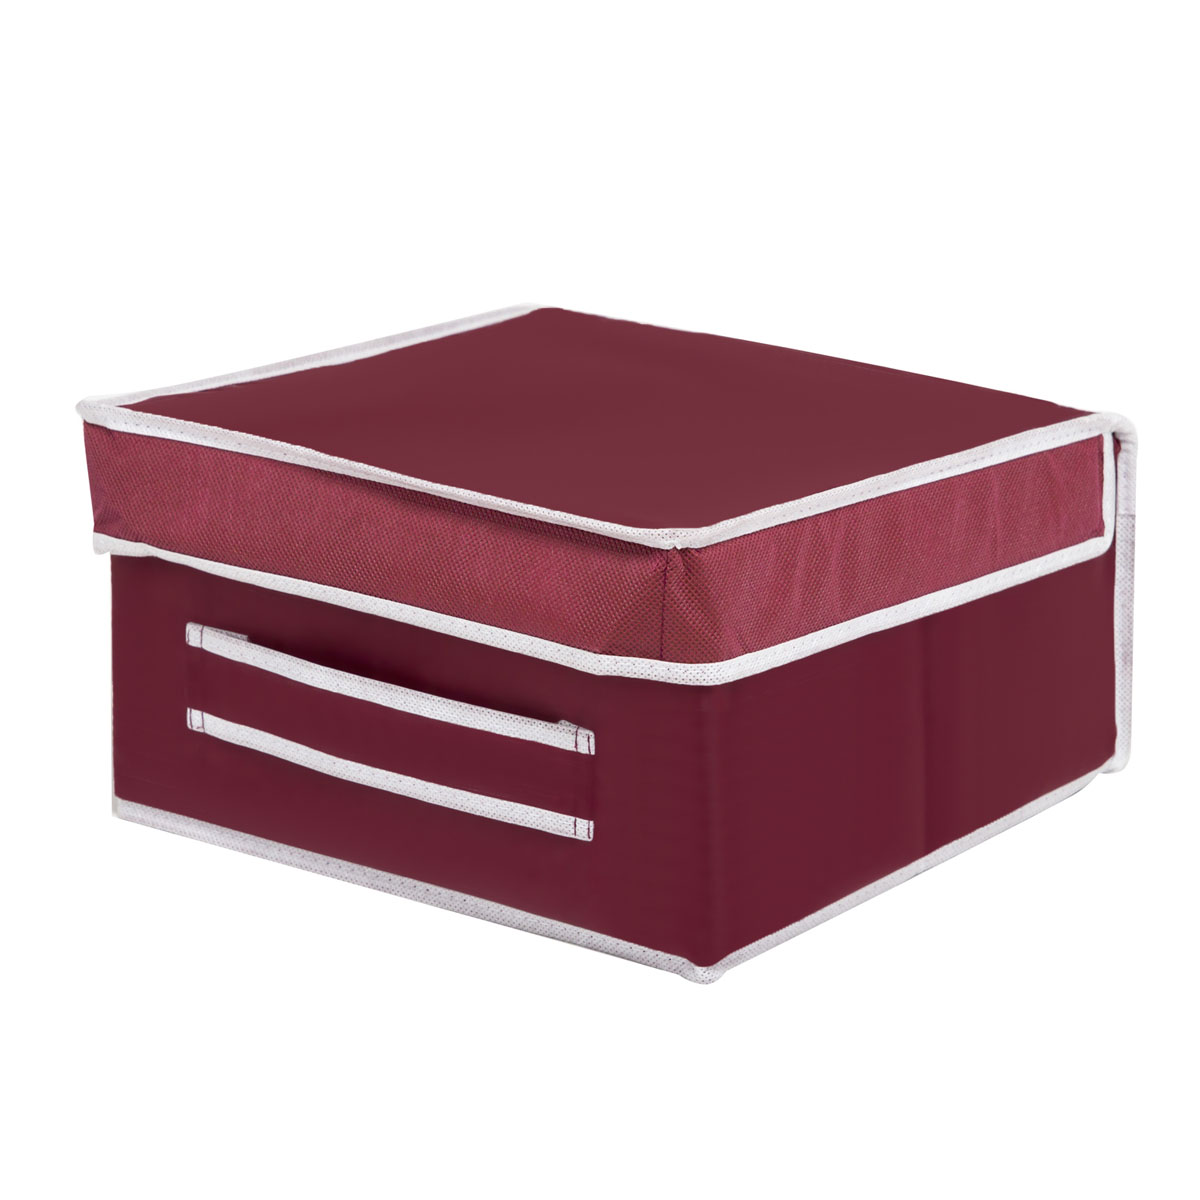 Коробка для хранения Homsu Red Rose, 30 х 30 х 16 смPAR005 moreВместительная коробка для хранения Homsu Red Rose выполнена из плотного картона. Изделие обладает удобным размером и привлекательным дизайном, выполненным в приятной цветовой гамме. Внутри коробки можно хранить фотографии, ткани, принадлежности для хобби, памятные сувениры и многое другое. Крышка изделия удобно открывается и закрывается.Коробка для хранения Homsu Red Rose станет незаменимой помощницей в путешествиях.